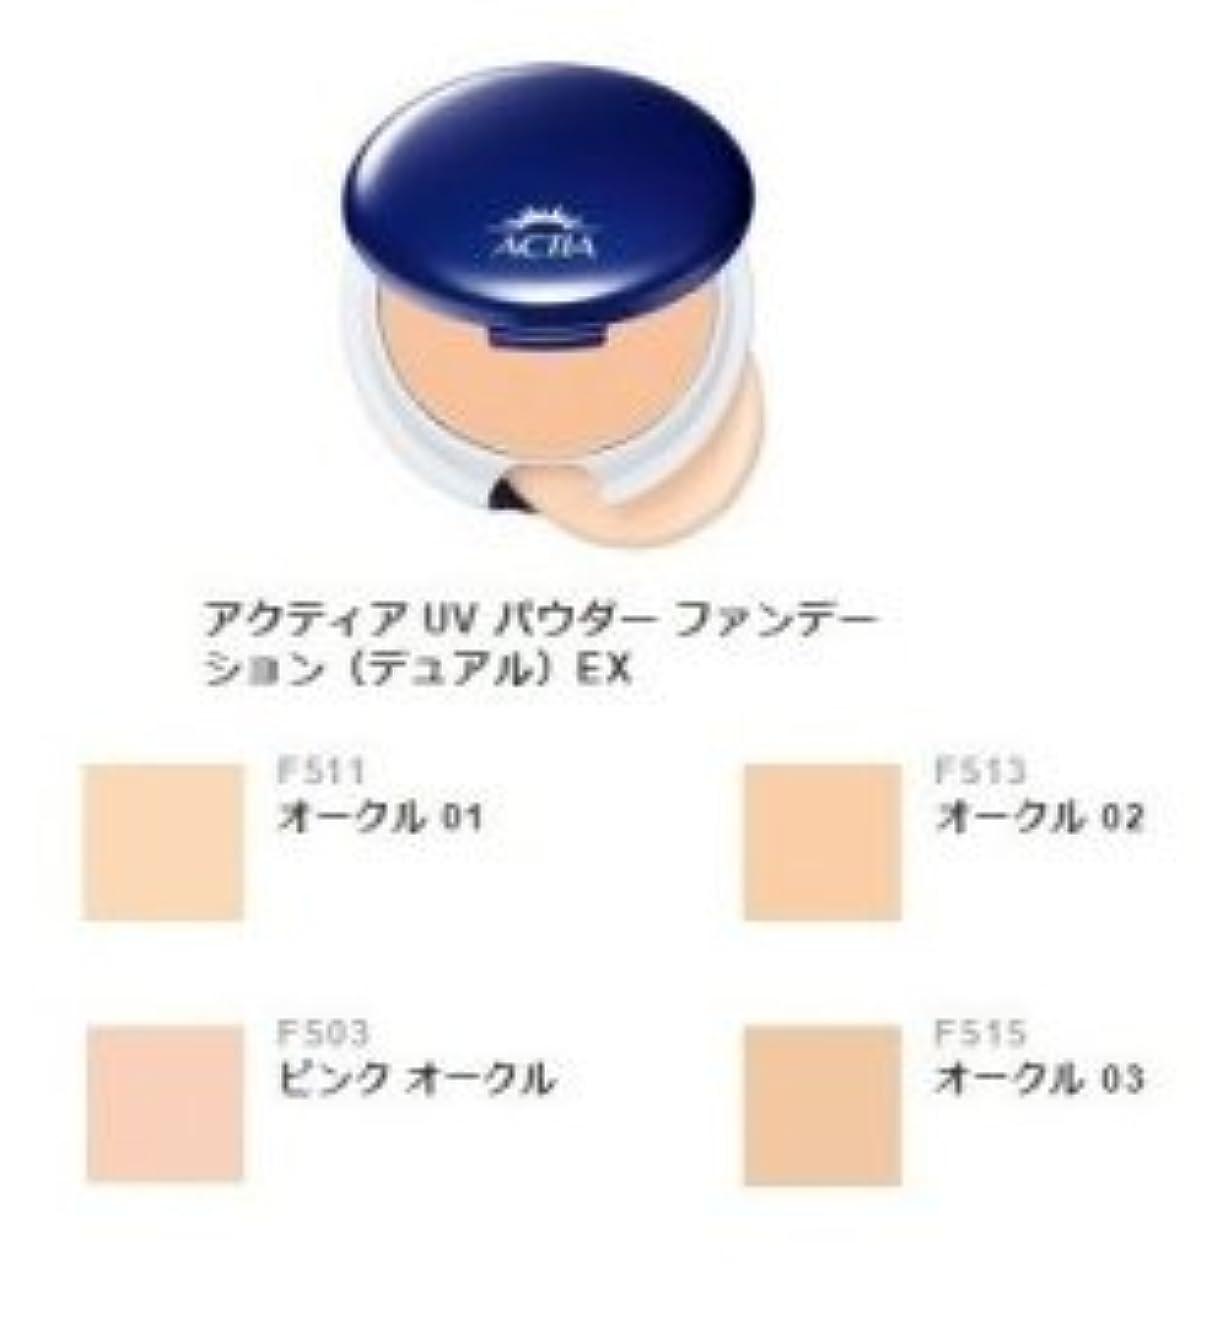 足枷中絶遺伝的エイボン(AVON) アクティア UV パウダーファンデーション(デュアル)EX(リフィル)F515 オークル03